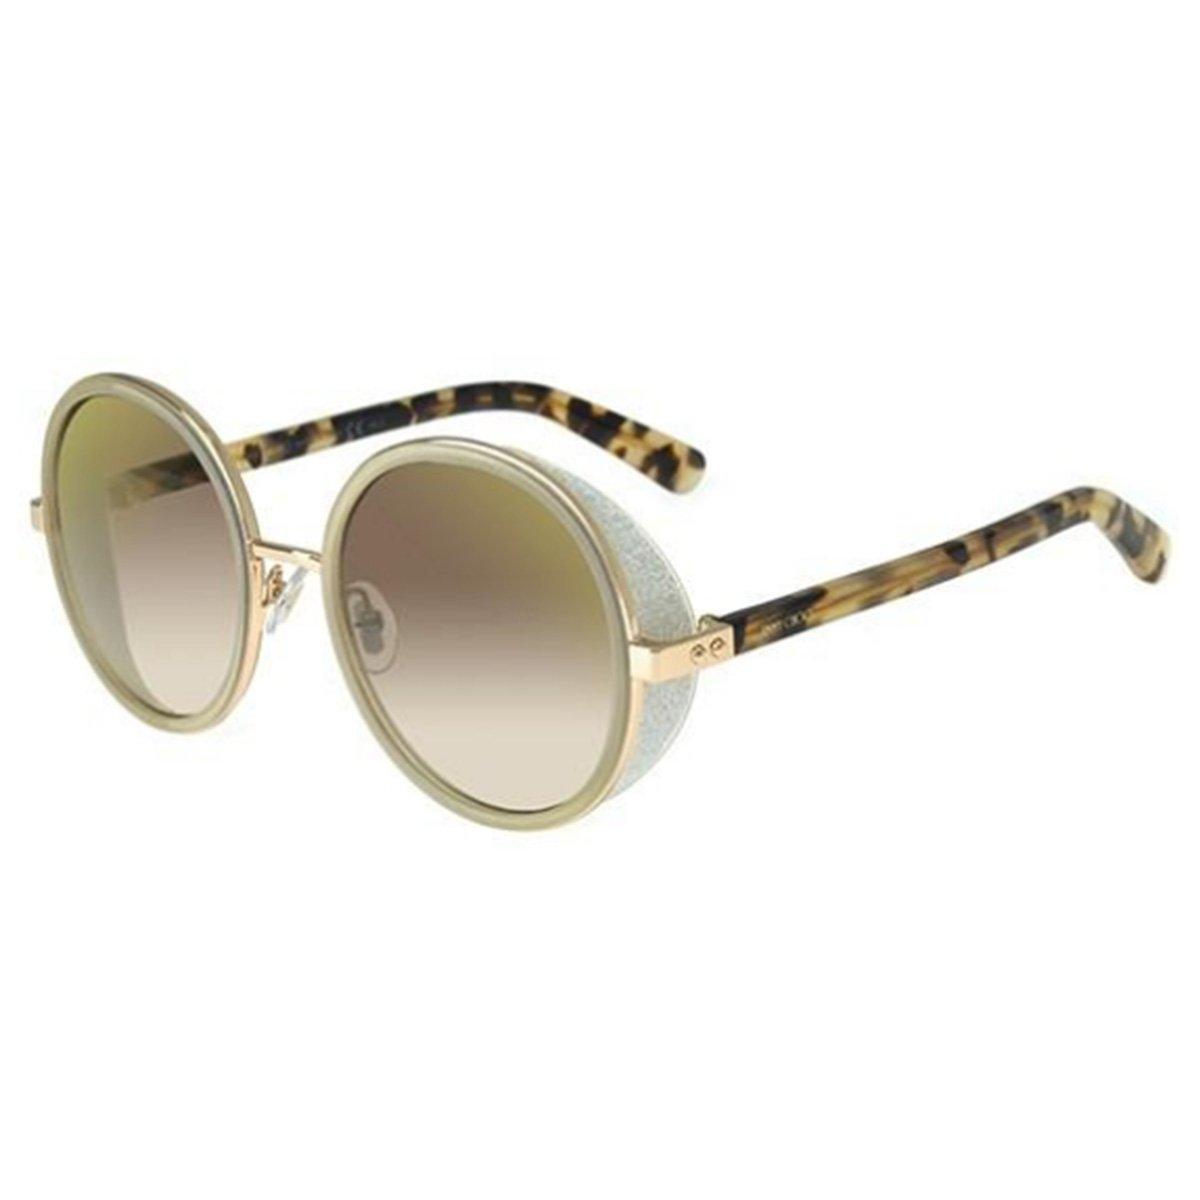 Compre Óculos de Sol Jimmy Choo Andie em 10X   Tri-Jóia Shop 2f6e65ca14